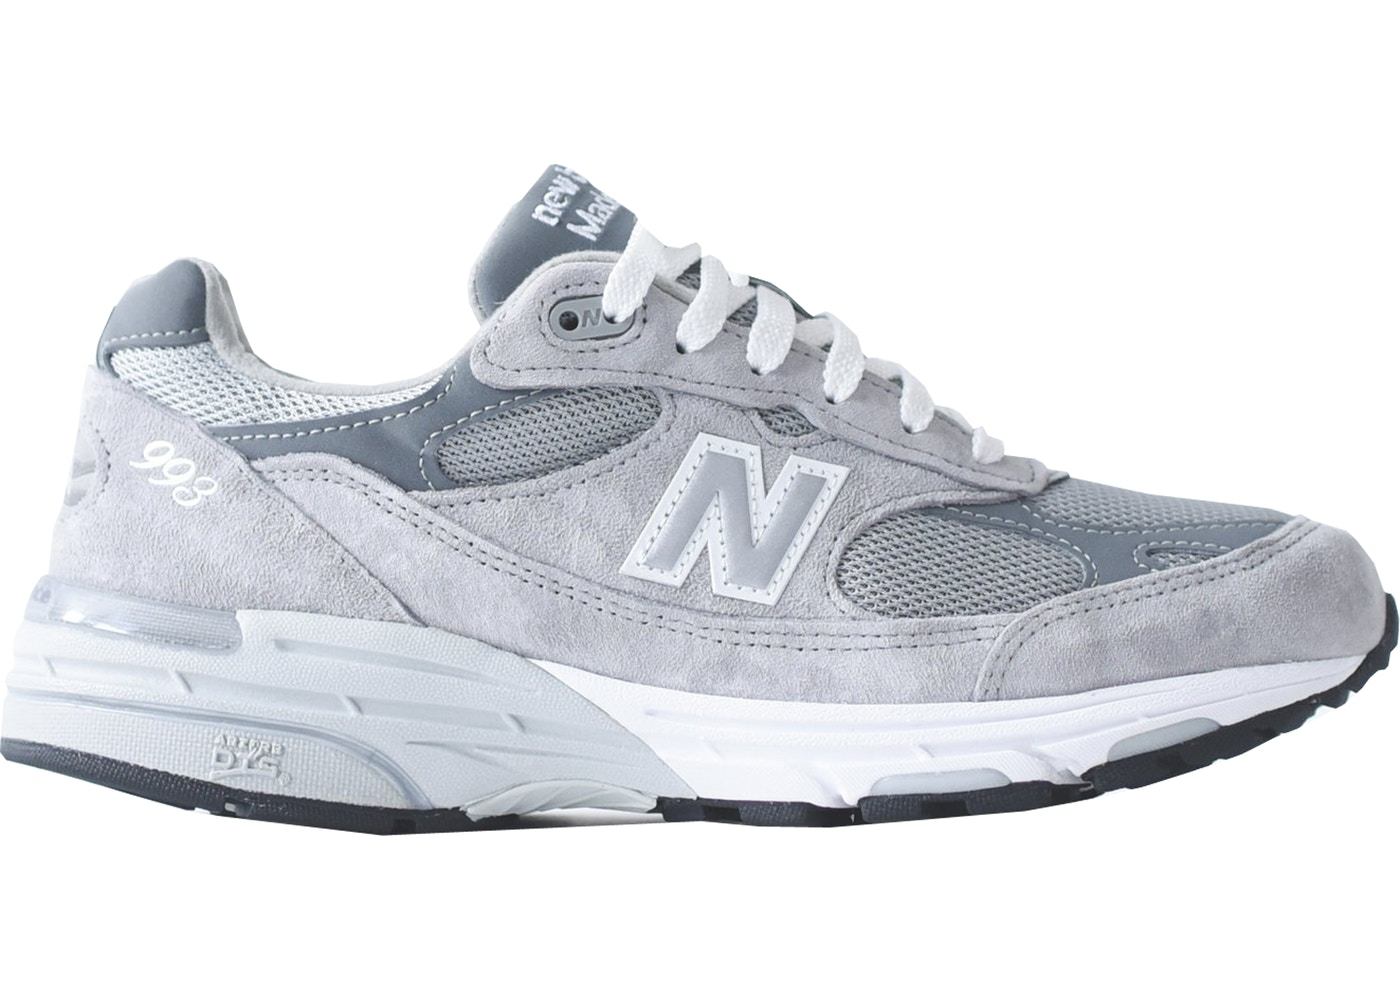 7b289a0af754 New Balance 993 Kith Grey - MR993GL